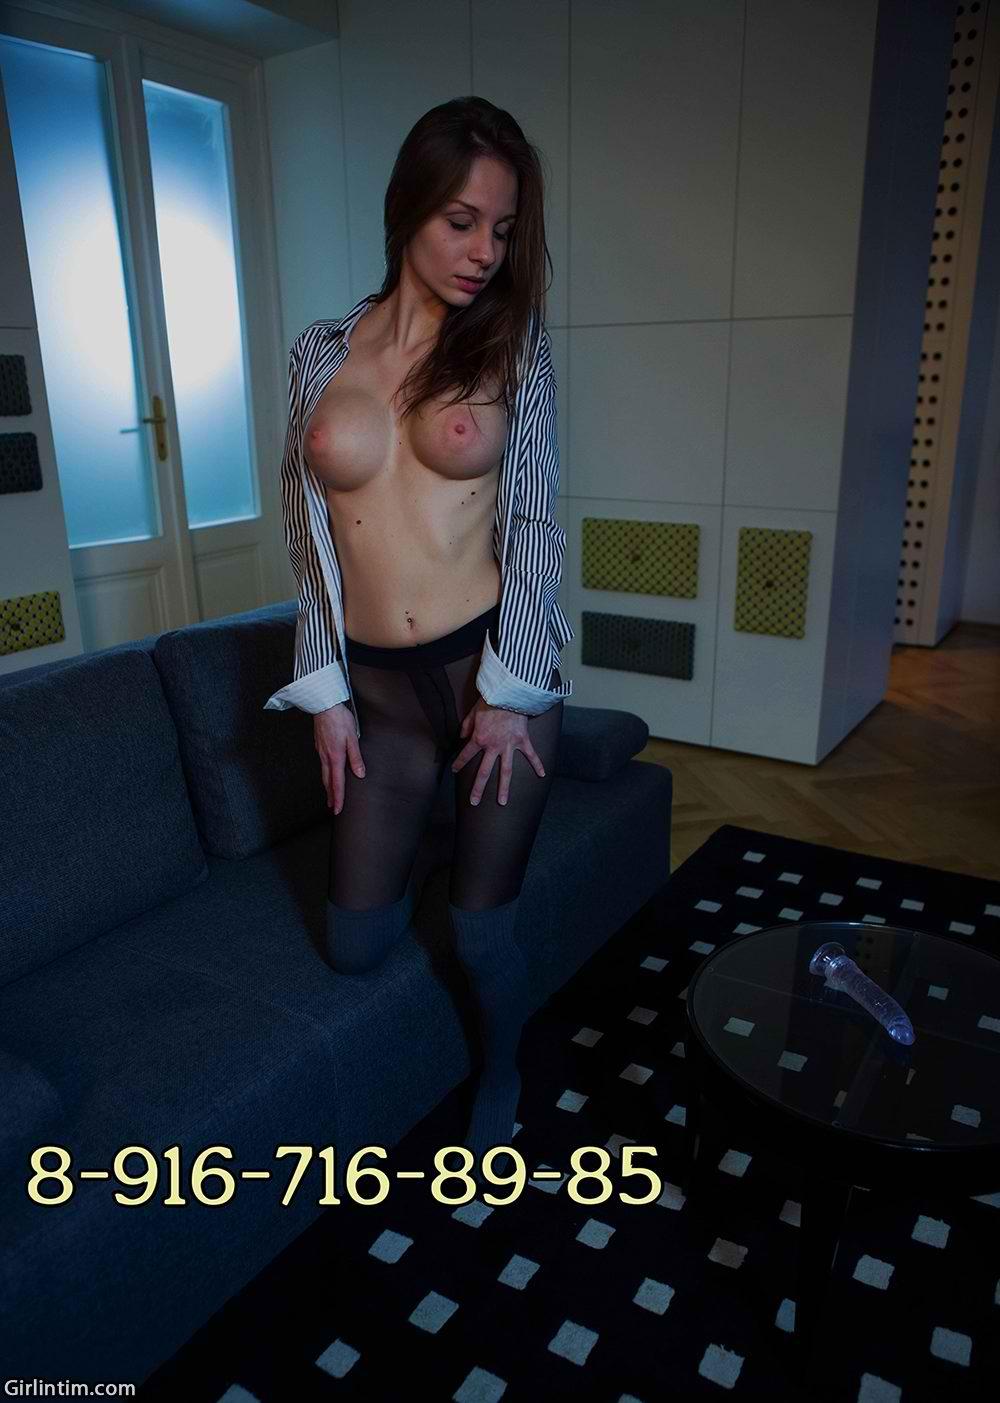 где в уфе найти проститутку-студентку было немного неловко